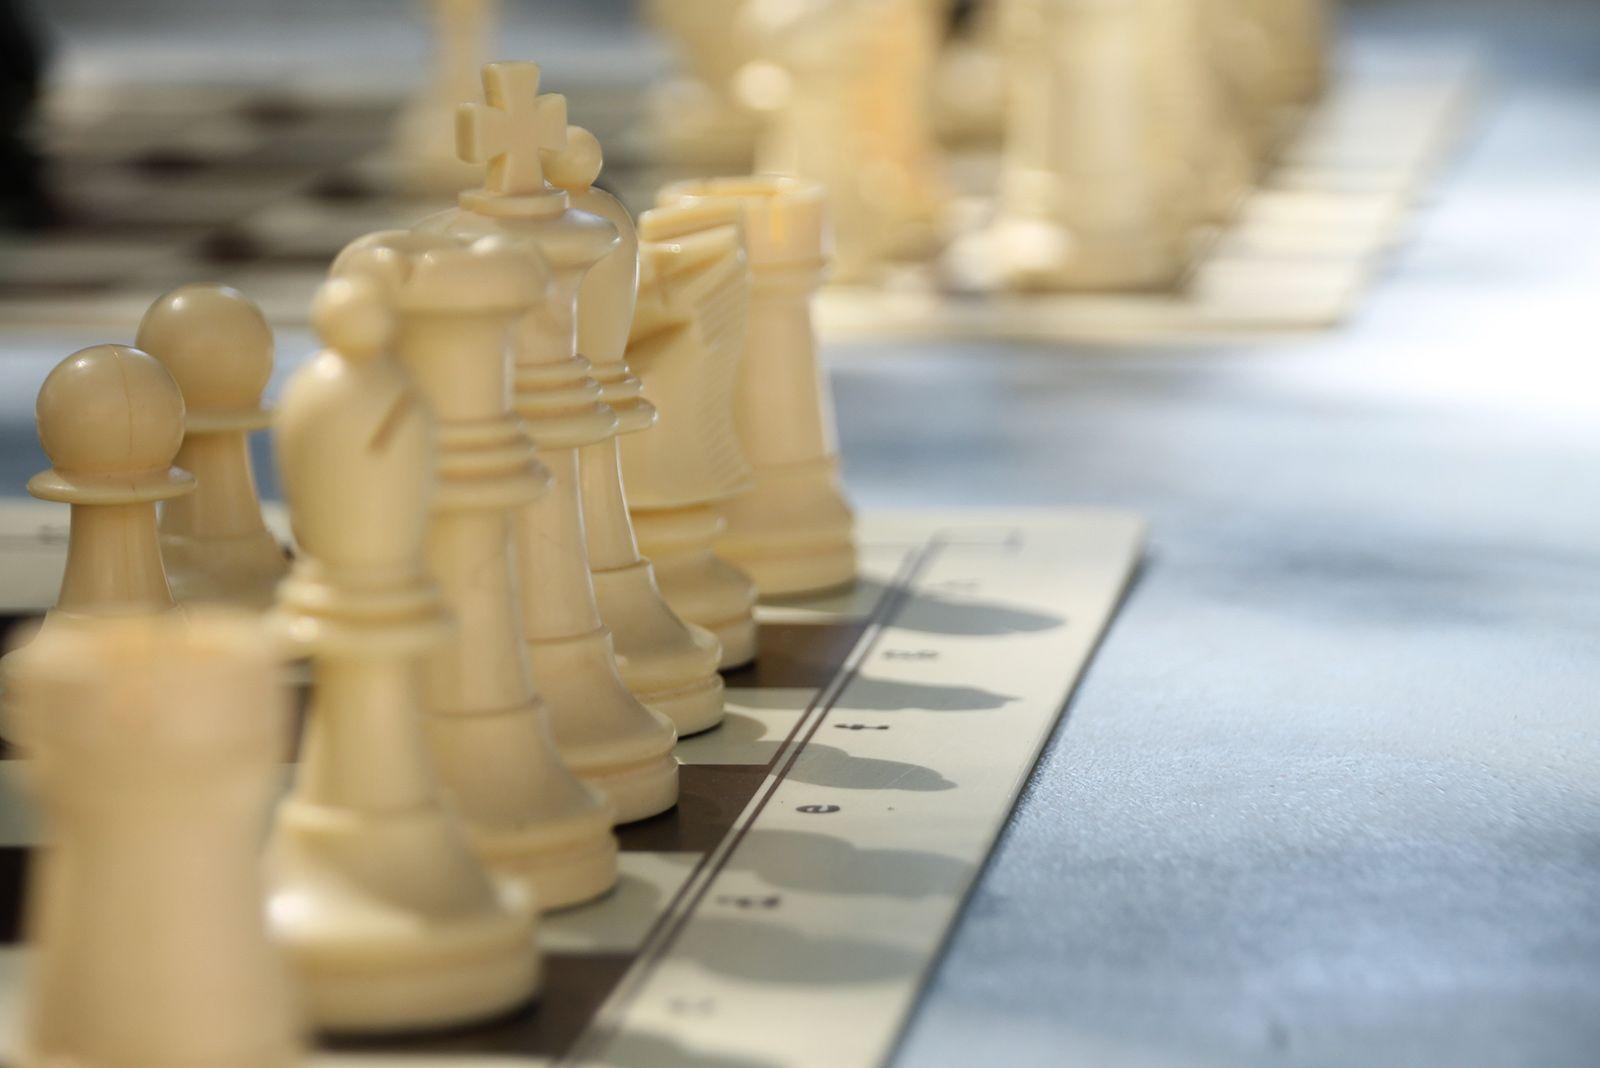 Torneig de partides simultànies d'escacs. FOTO: Paula Galván